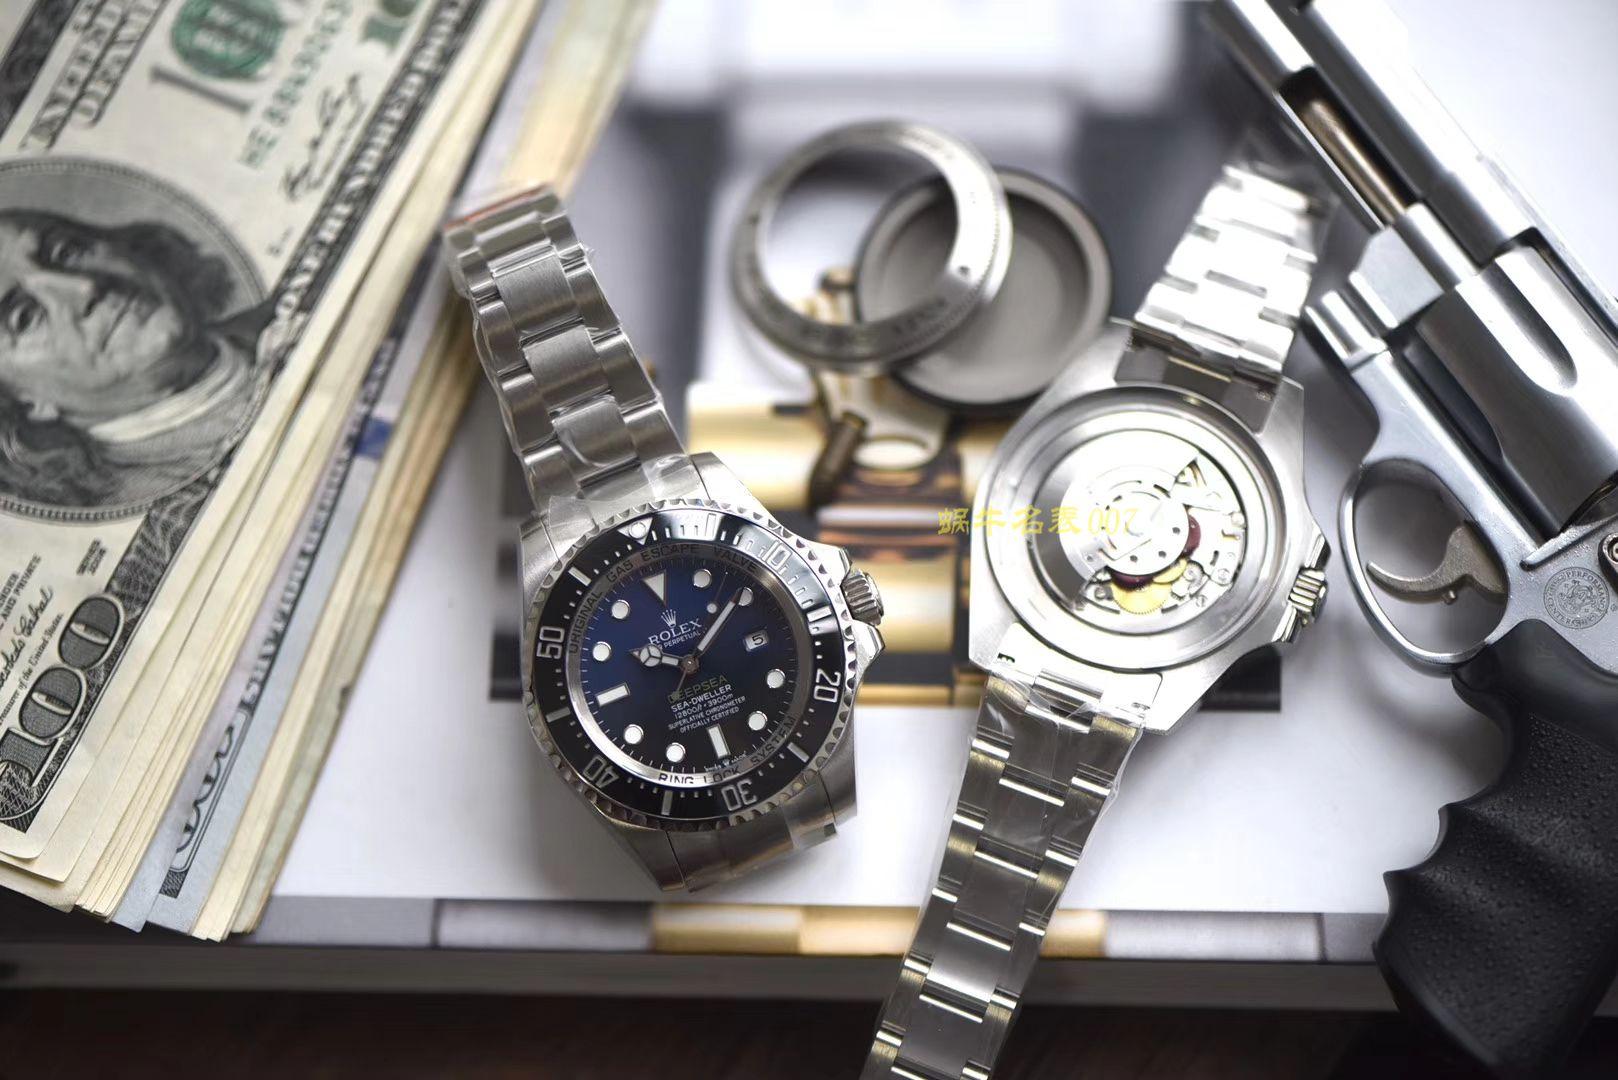 劳力士海使型系列m126660-0002腕表【台湾厂高仿手表劳力士渐变蓝】 / R276